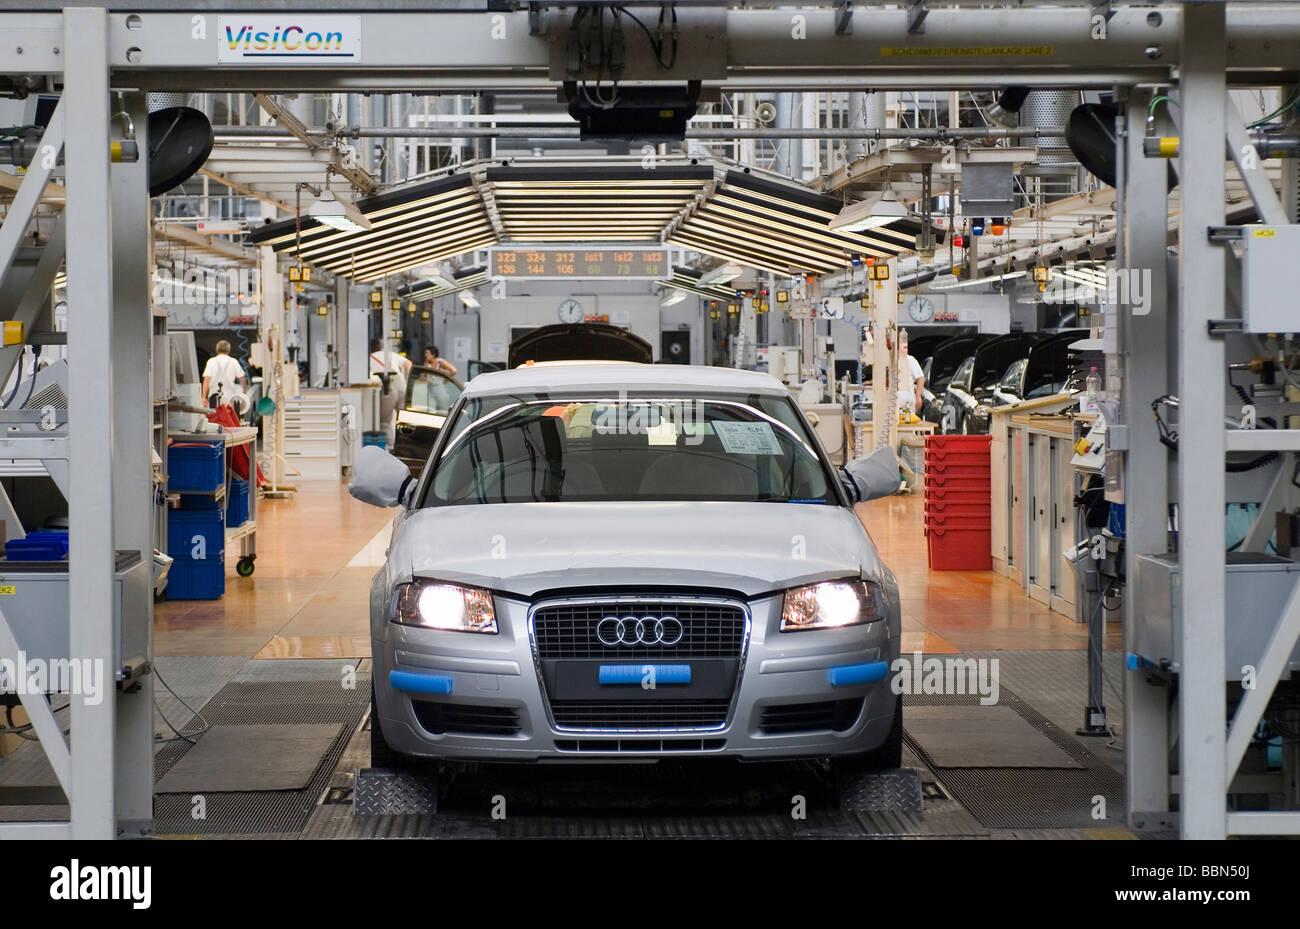 Audi Stock Photos & Audi Stock Images - Alamy